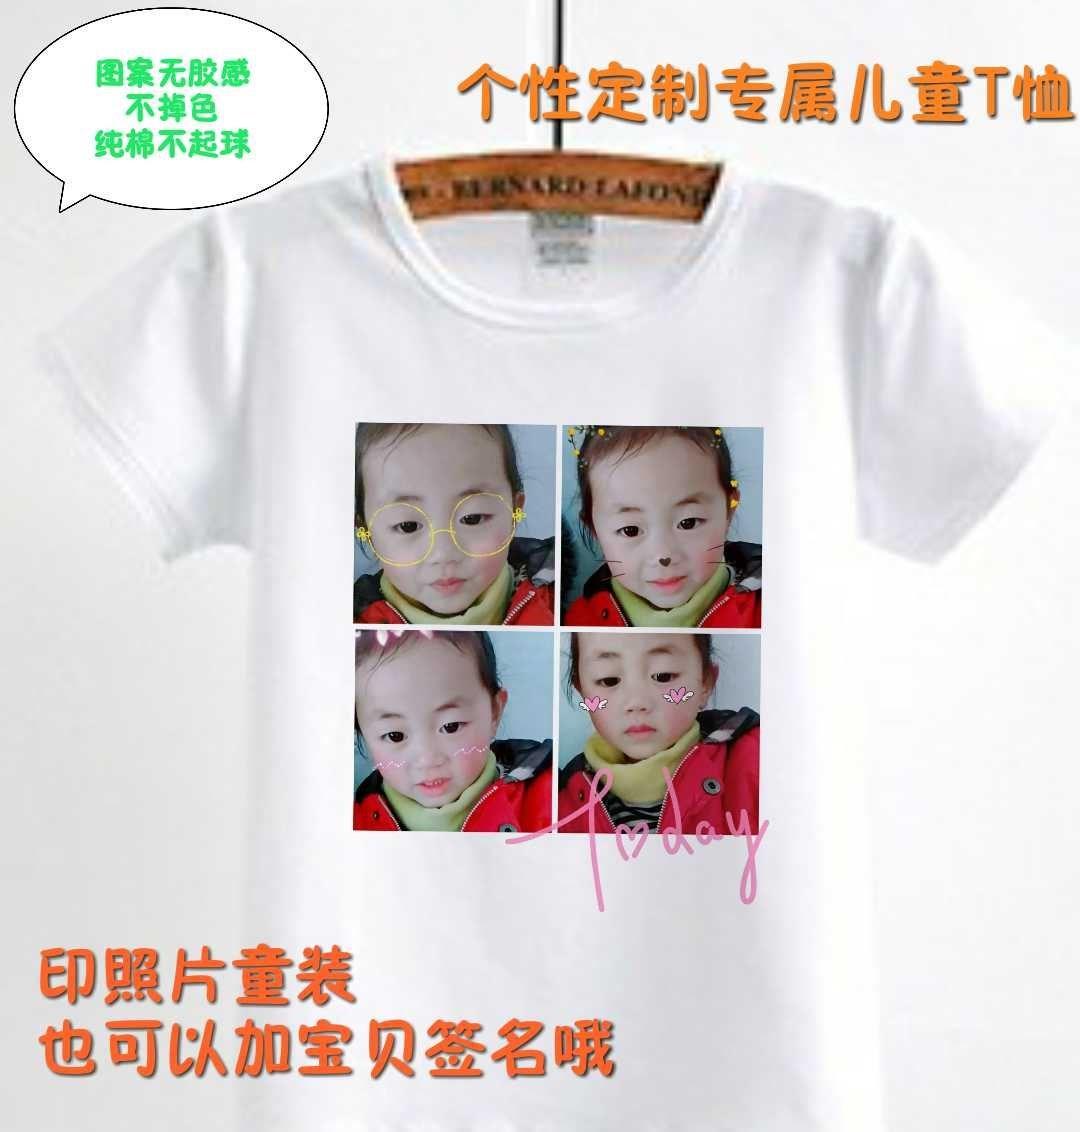 亲子装t恤衫DIY来图定制儿童照片班服衣服宝宝个性定做印短袖订制